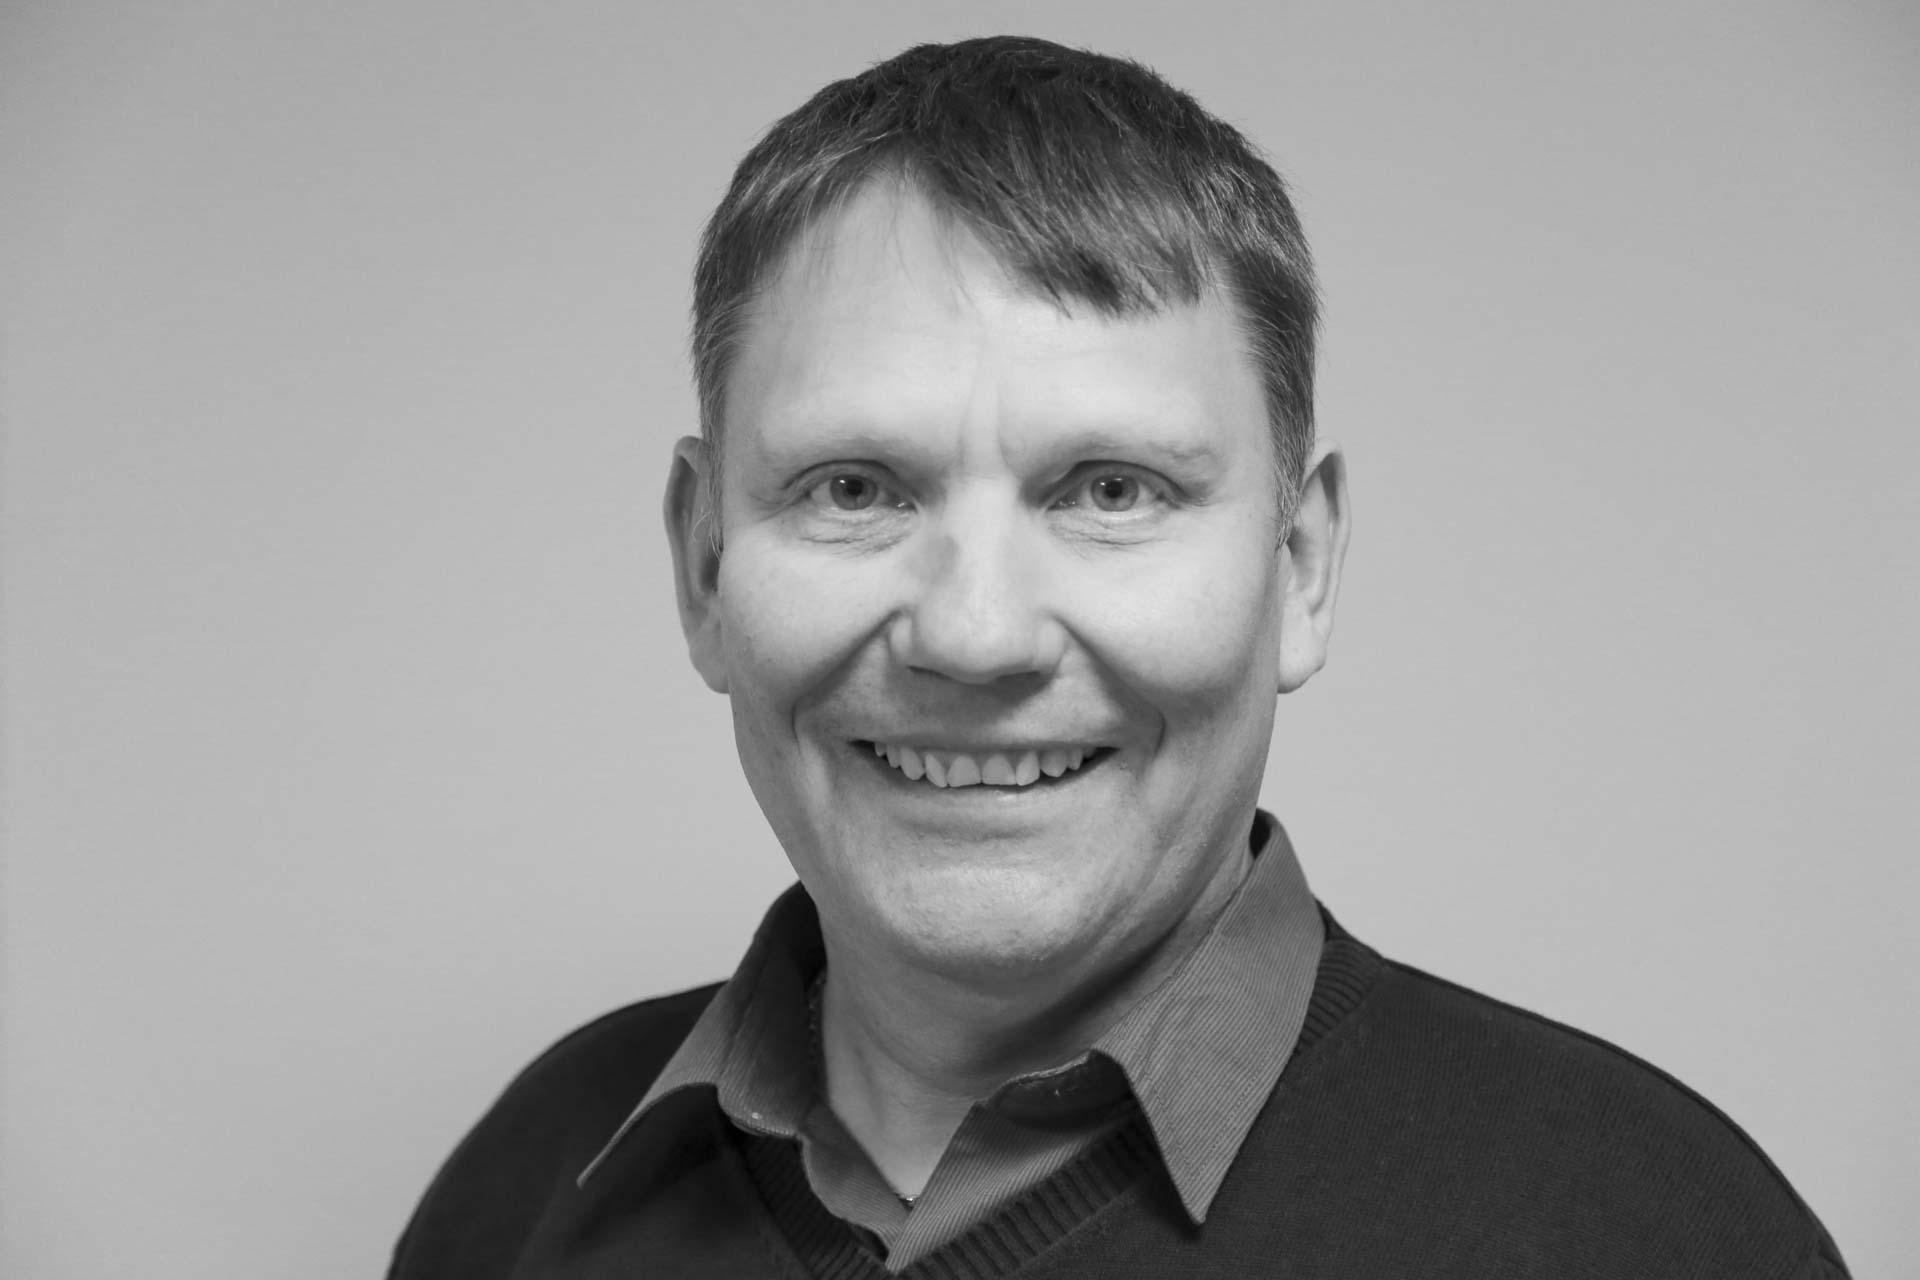 Henrik Autzen